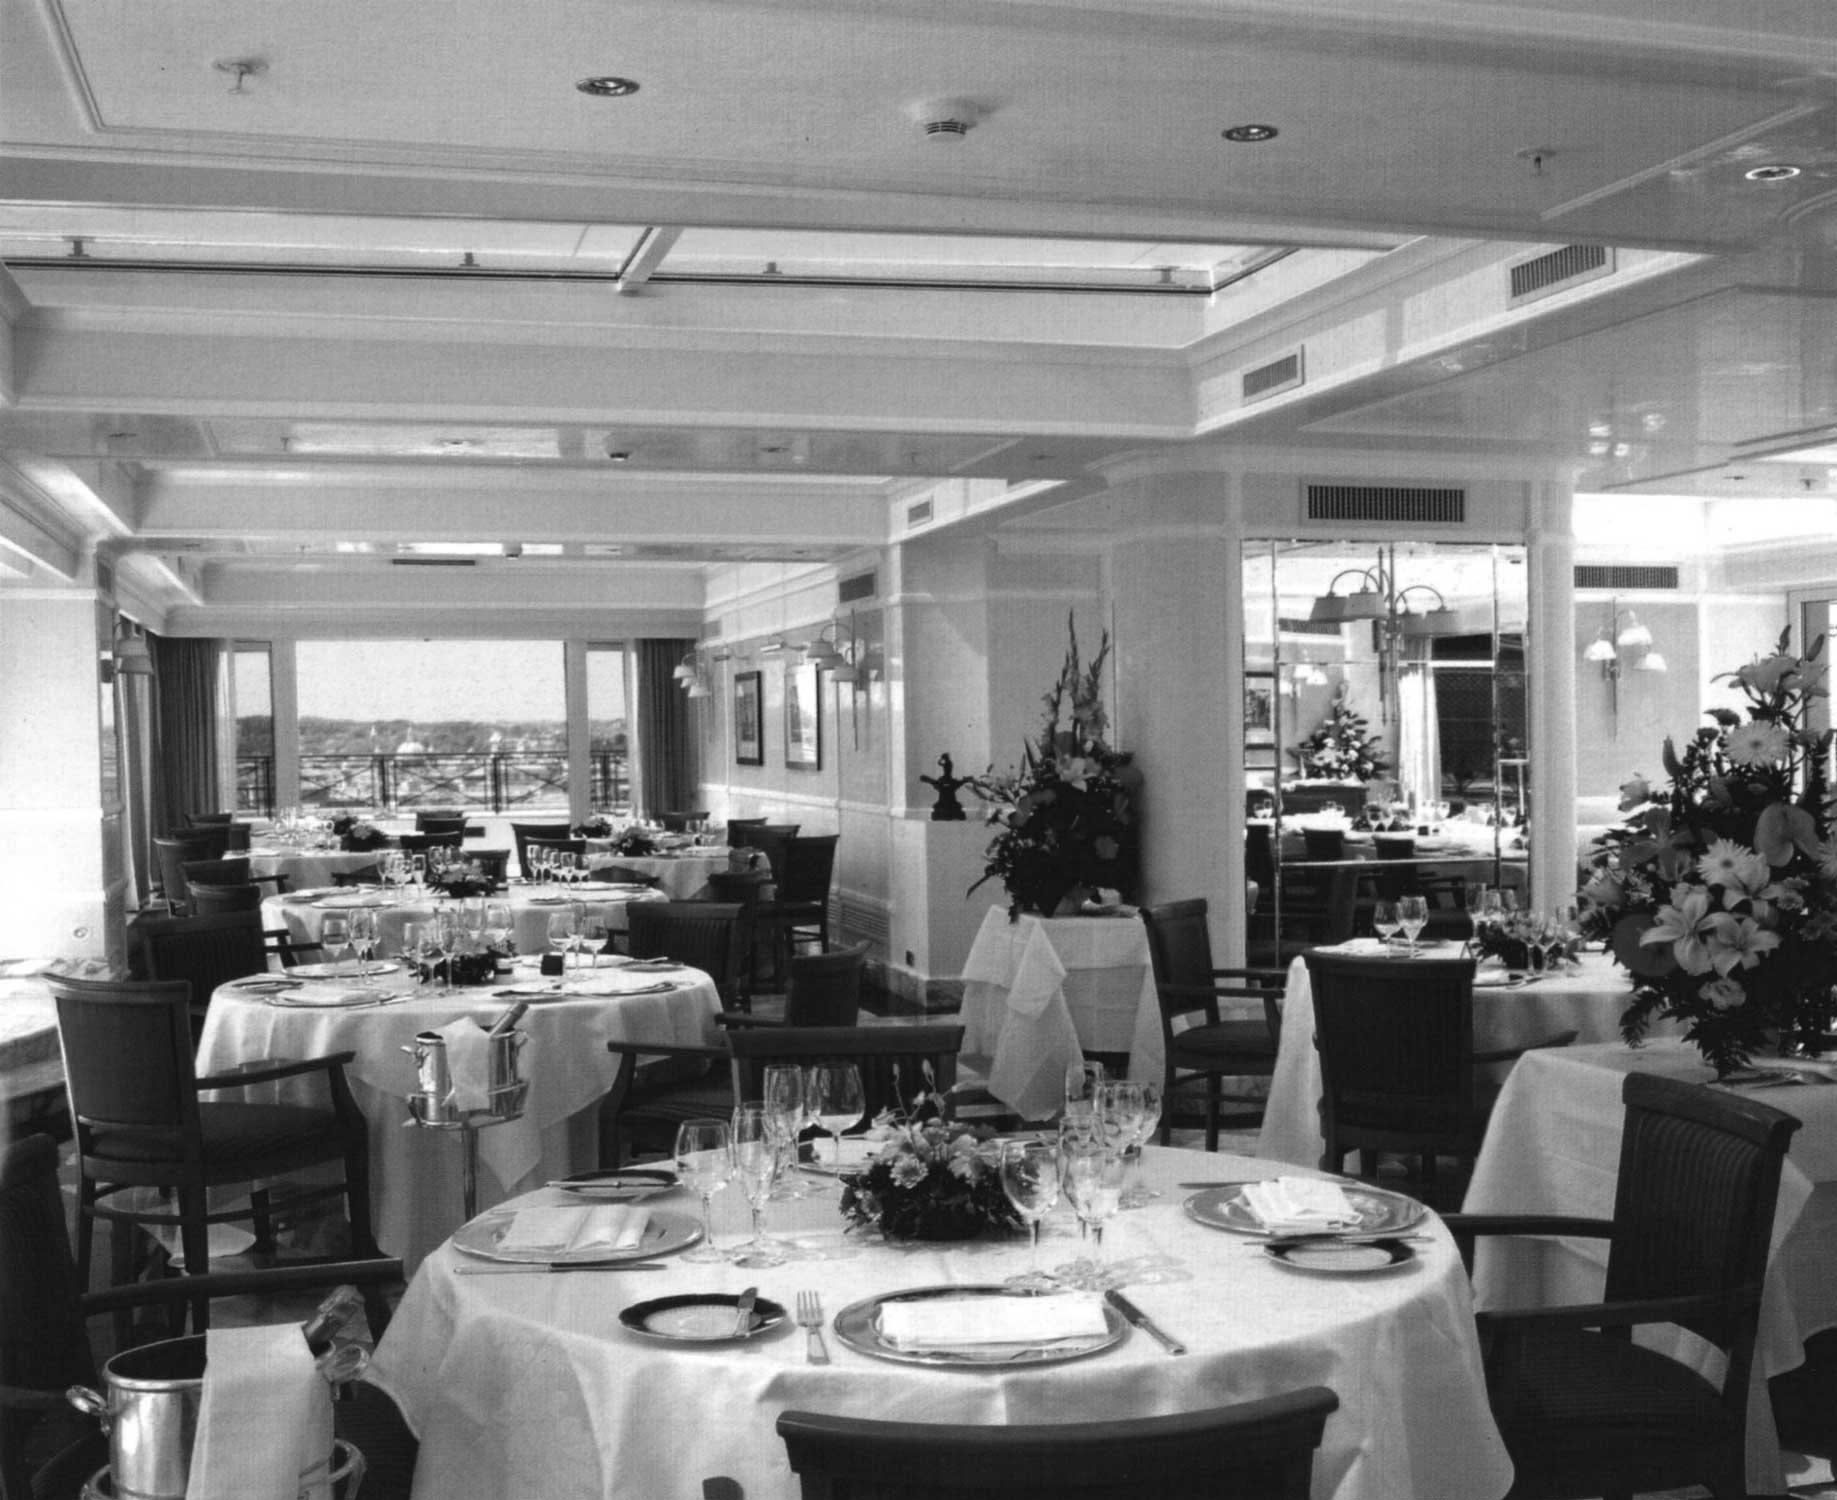 25 - Ristrutturazione Hotel Bernini Bristol, Roma, per SINA SpA - Vista interna del roof garden